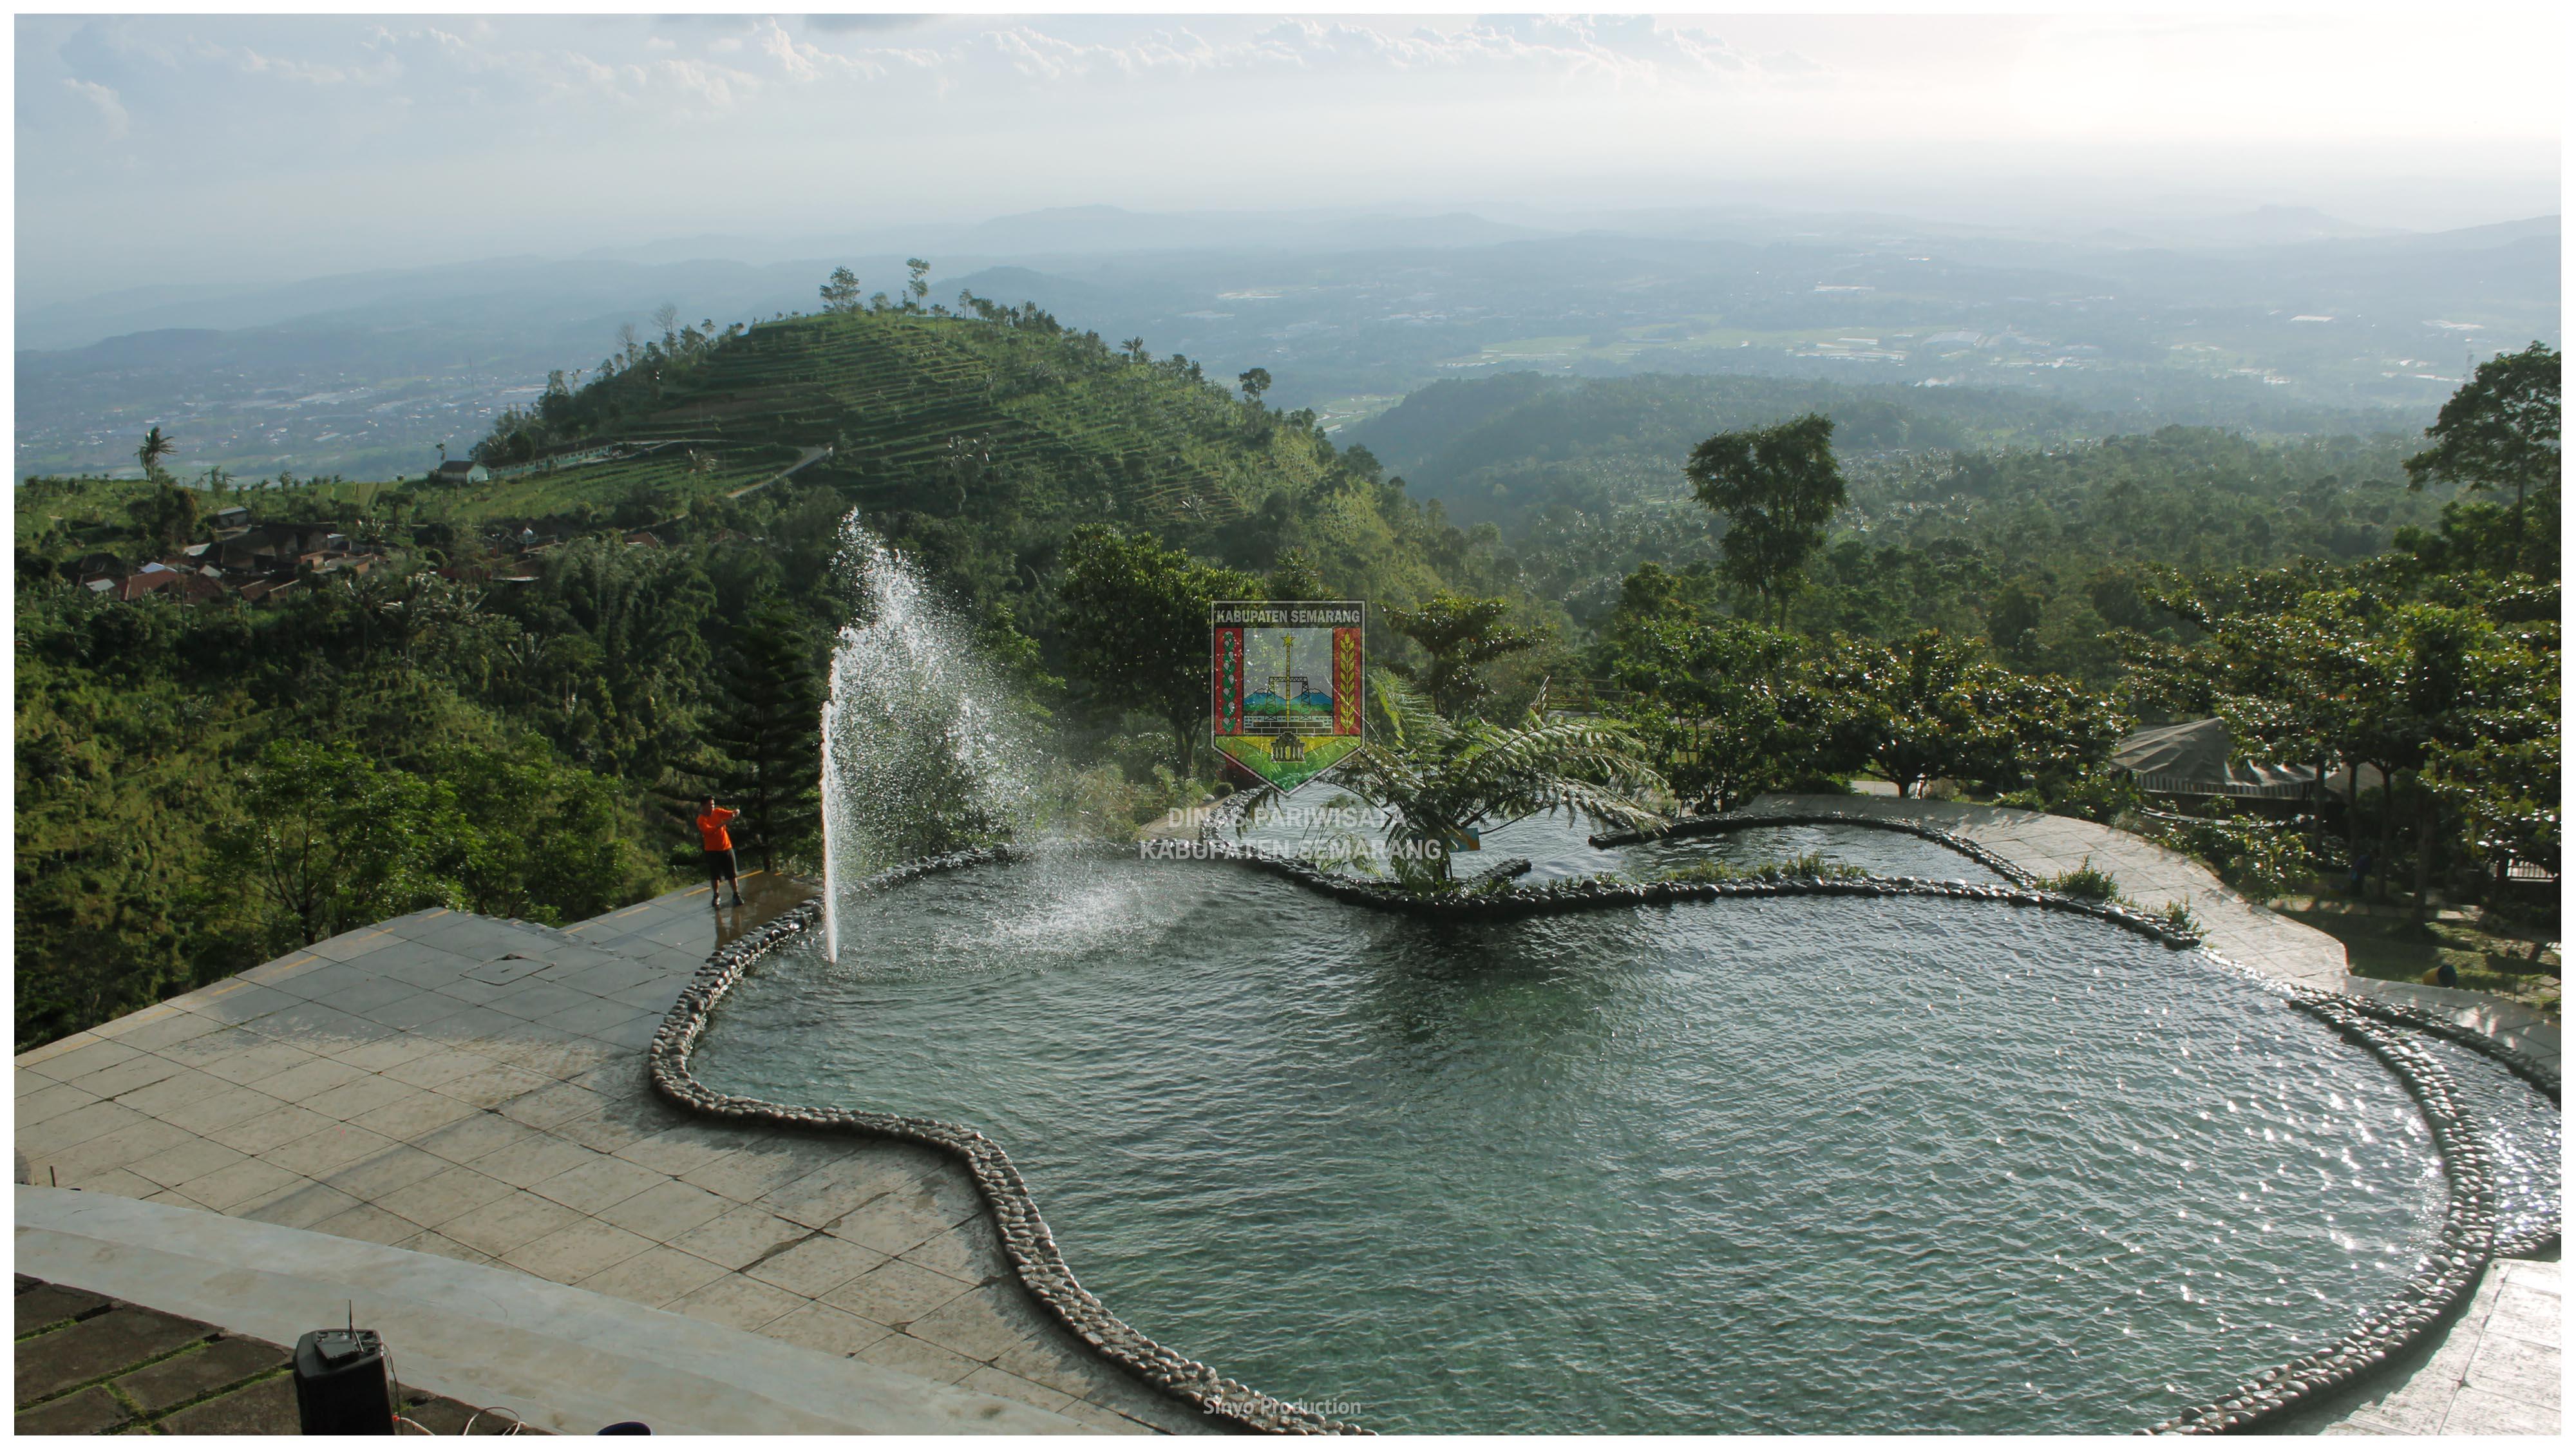 Umbul Sidomukti Kab Semarang Tourism Information Center